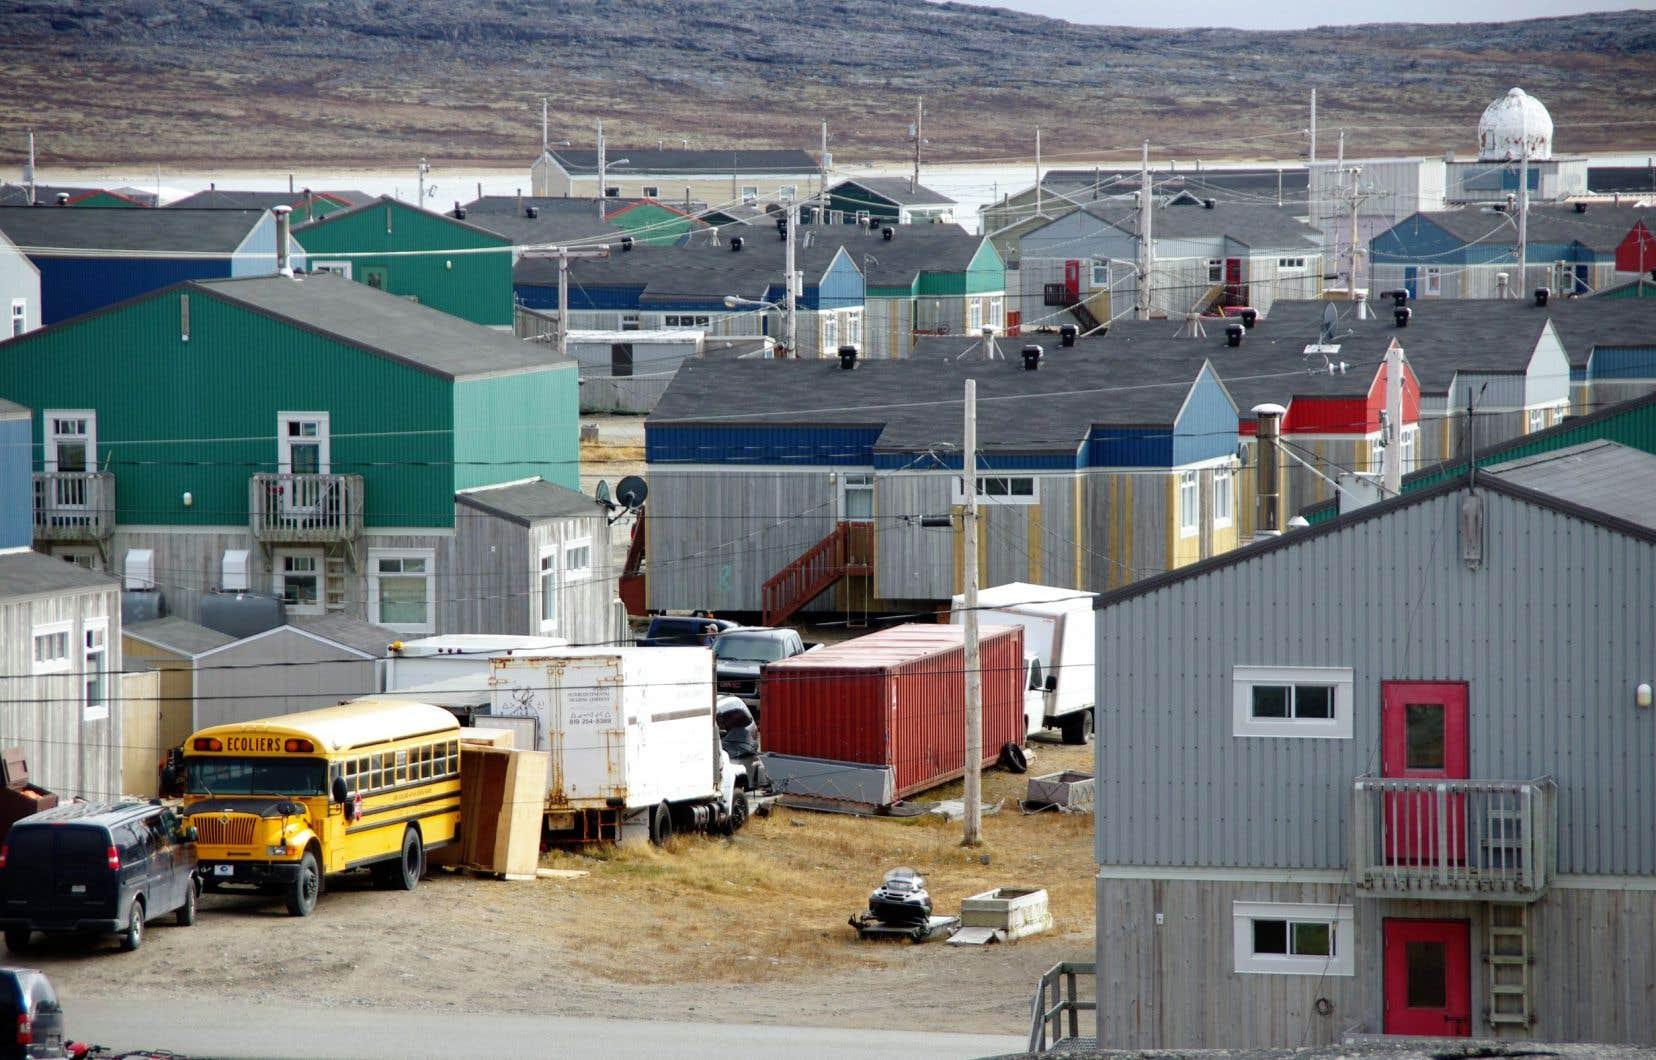 Selon certains médias, il y aurait eu 15 suicides en 2018 au Nunavik, une région habitée par seulement 12 000 personnes.